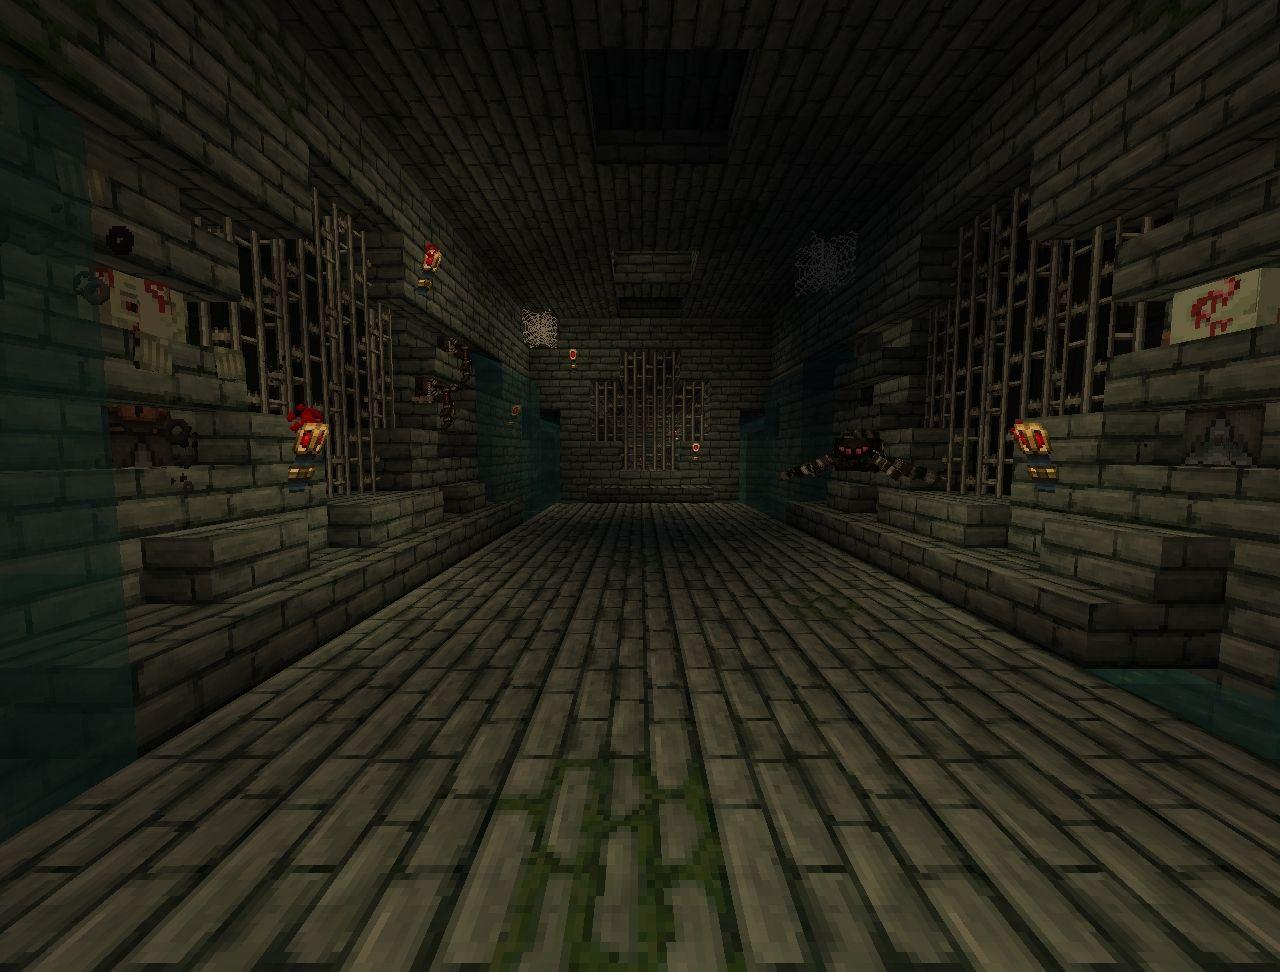 minecraft dungeons - photo #16